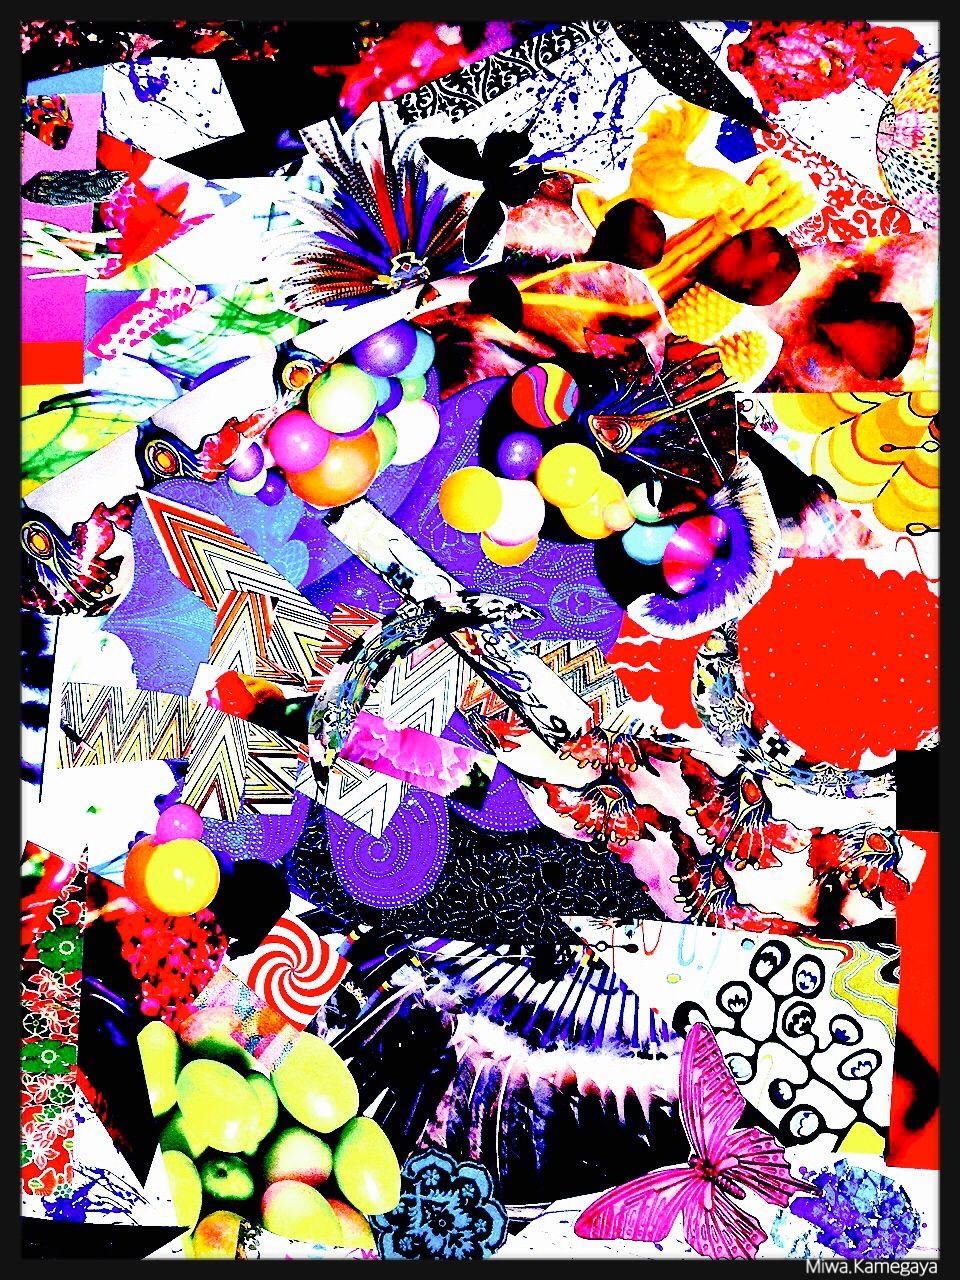 コラージュアート エスプルーム グラフィックデザイン 極彩色 サイケデリック 亀ヶ谷美羽 Miwa.Kamegaya